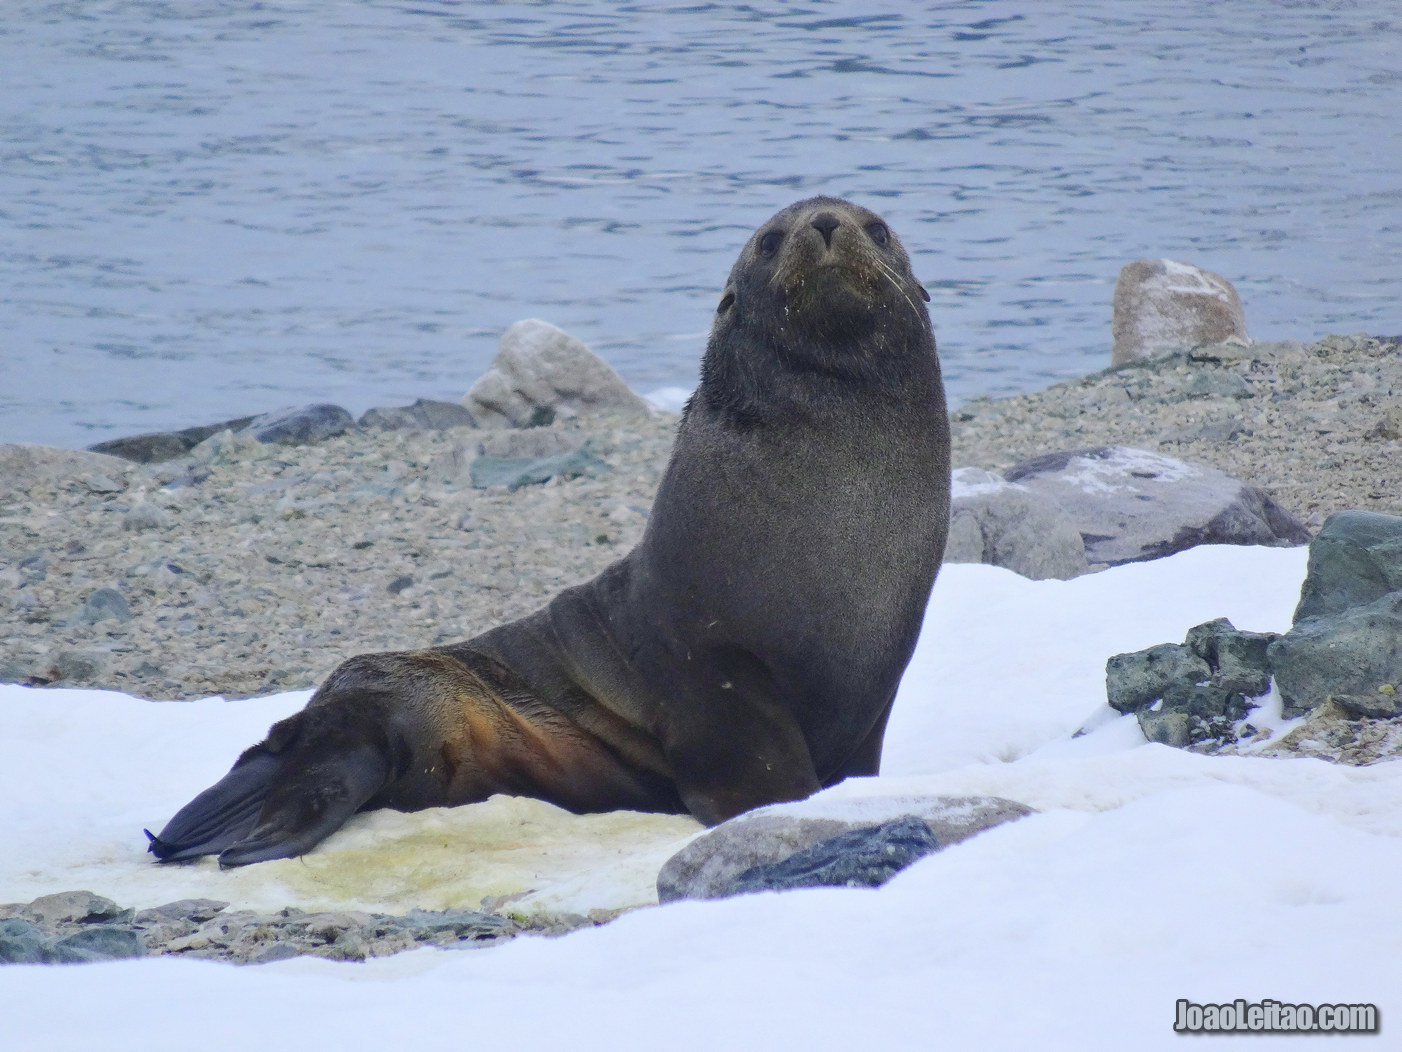 Visitar a Antártida - 17 Locais maravilhosos a não perder 10